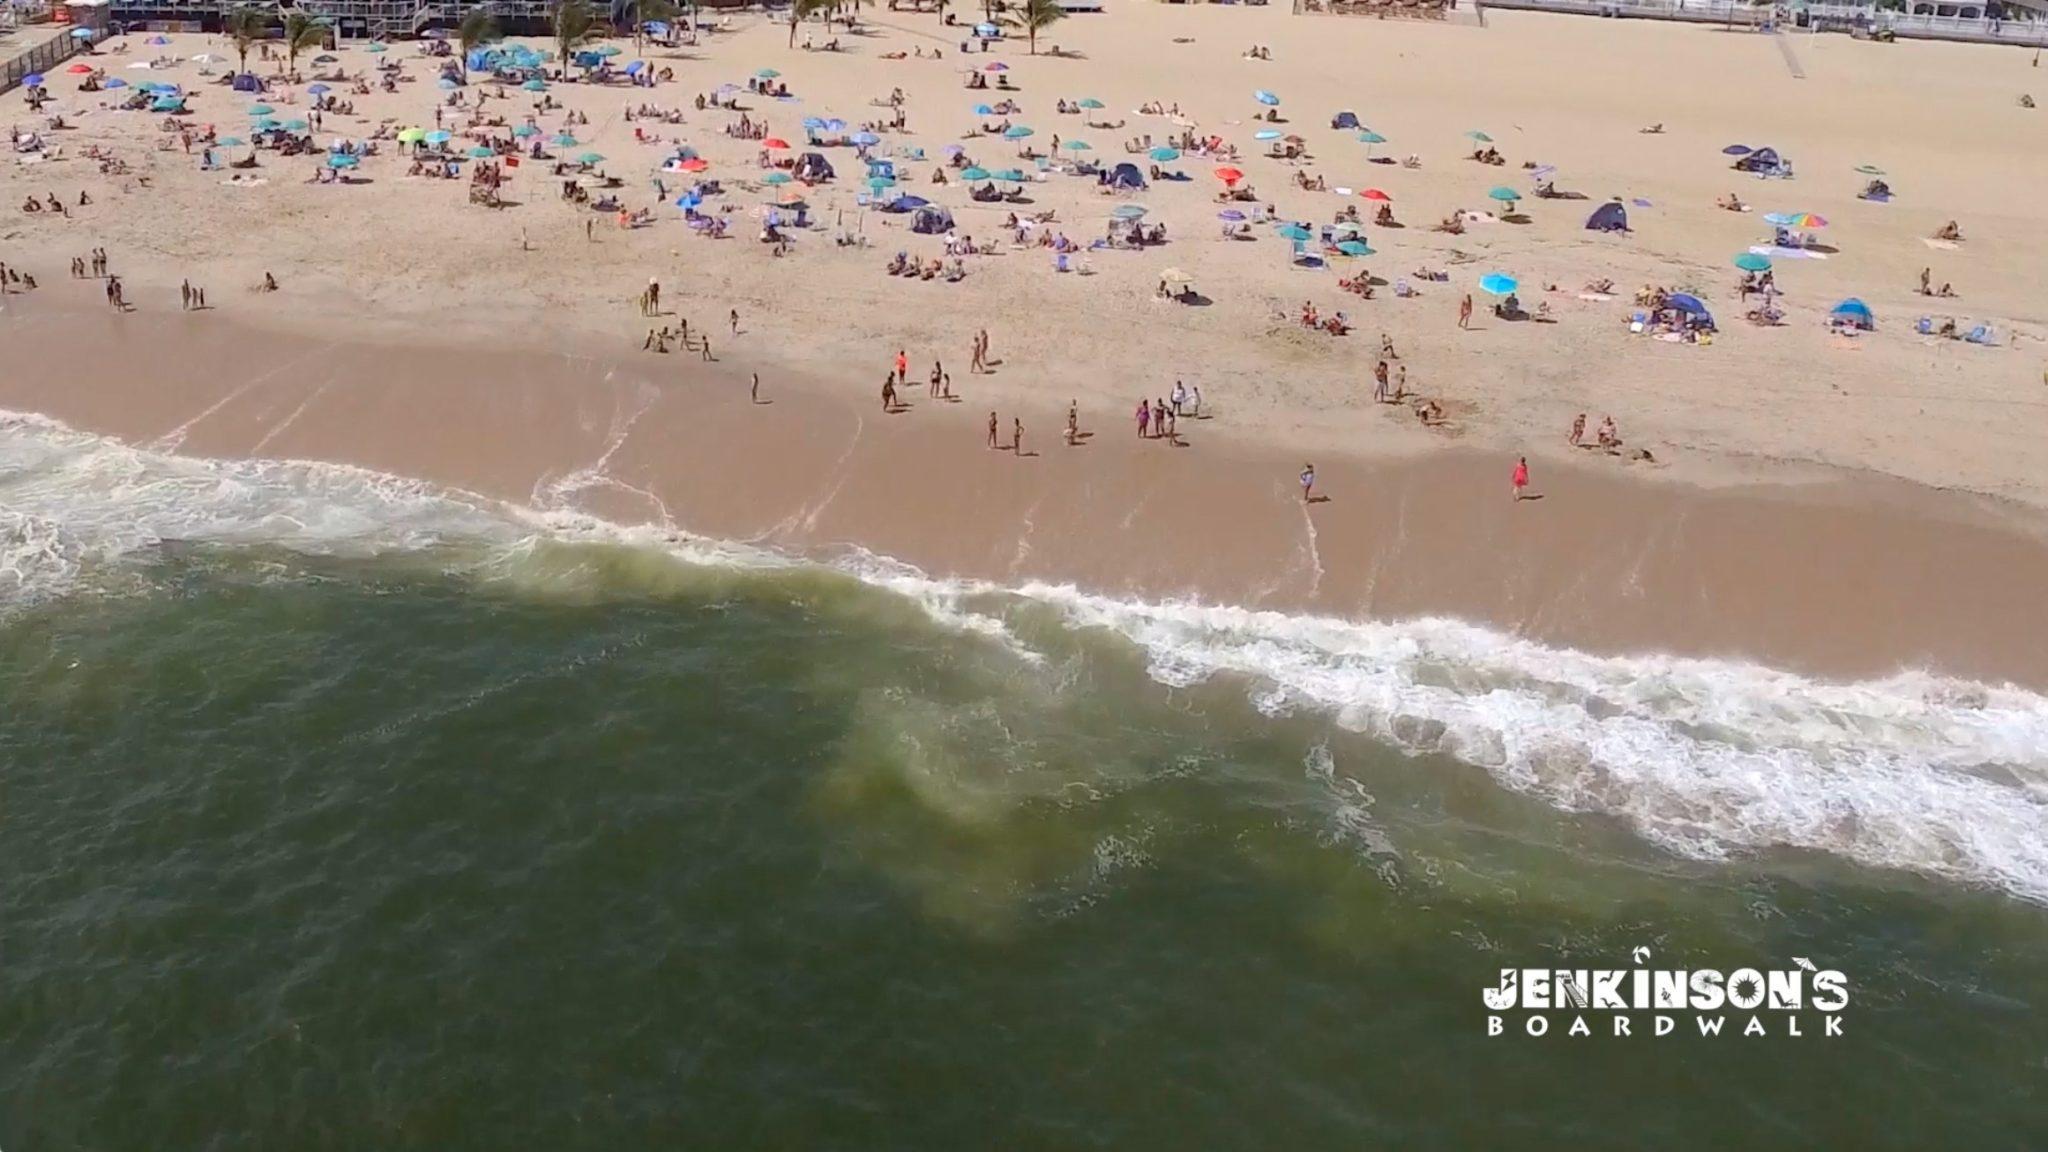 Jenkinson's Boardwalk | Point Pleasant Beach, NJ